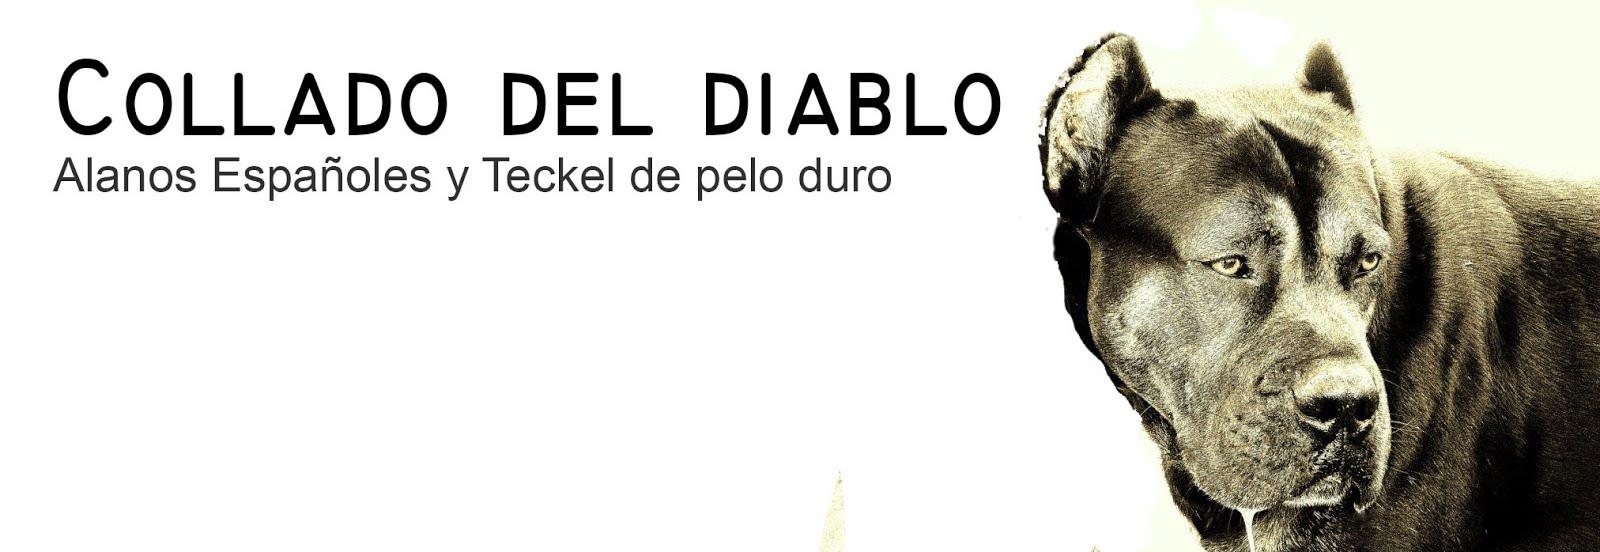 COLLADO DEL DIABLO